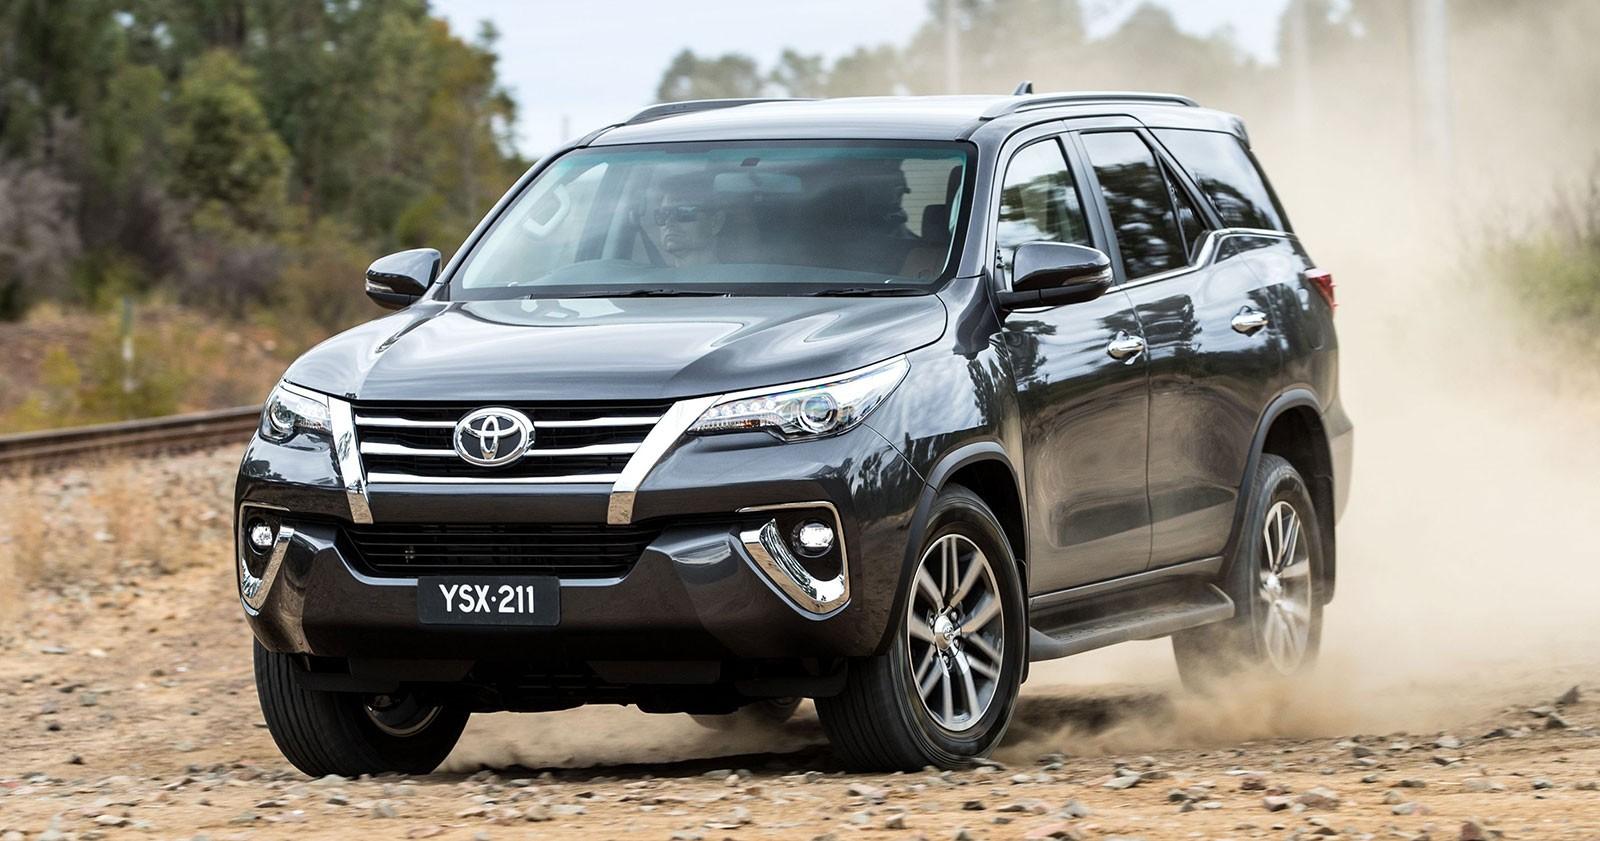 Toyota Úc bị kiện vì lỗi bộ DPF trong động cơ diesel 2,8 lít của bộ ba Fortuner, Hilux và Prado